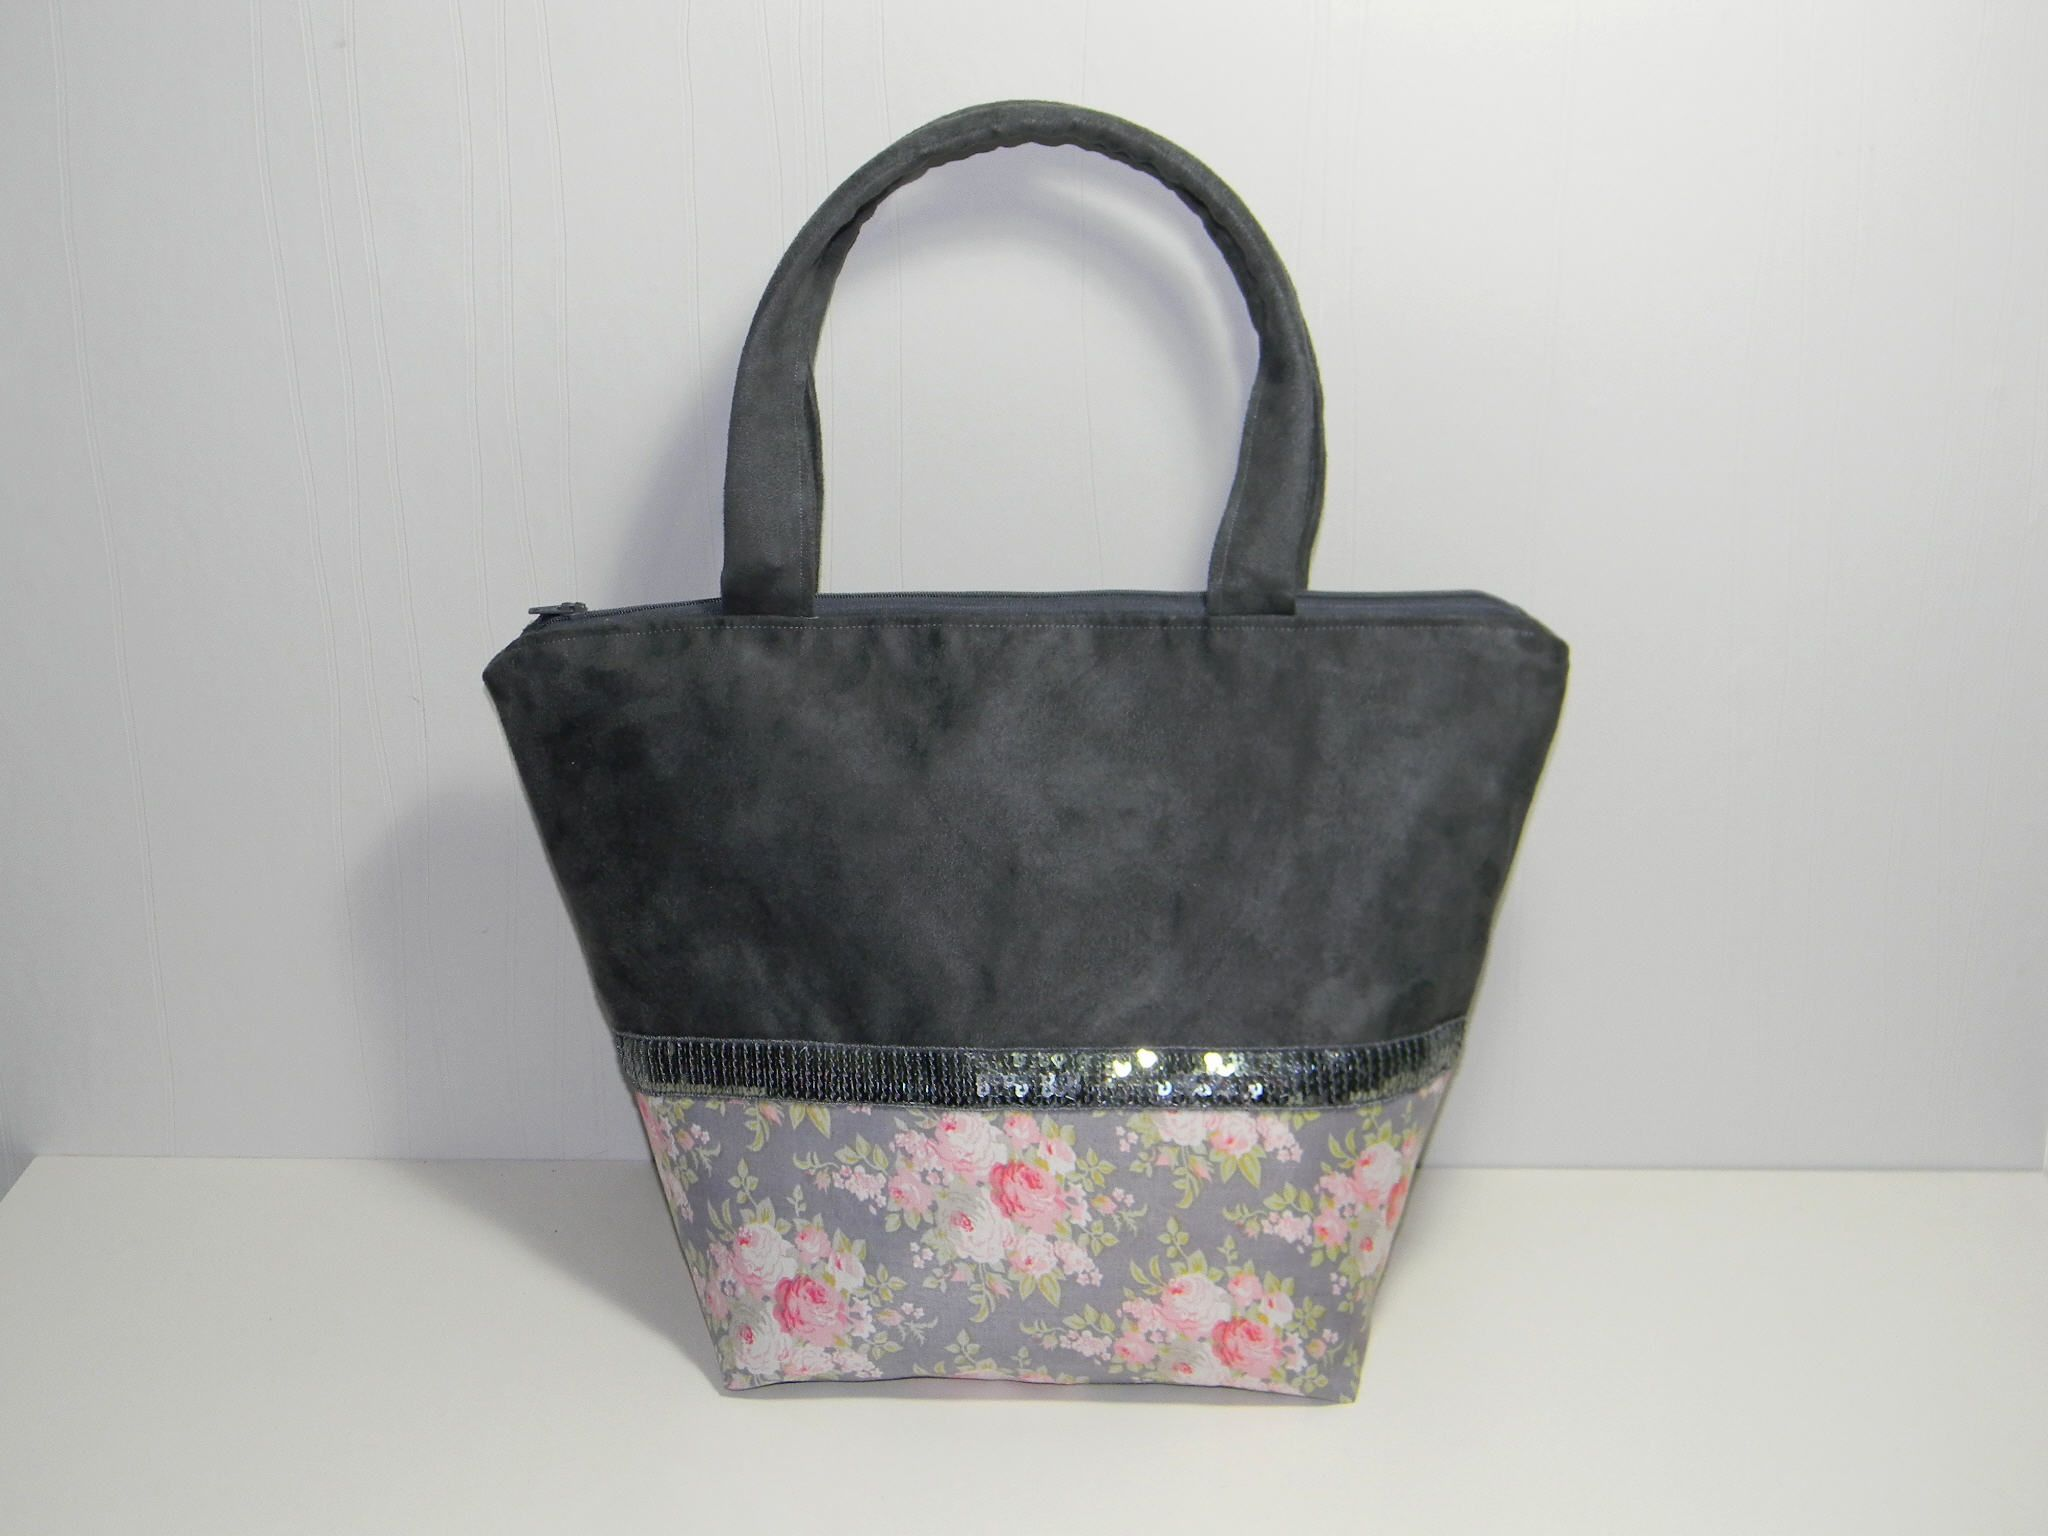 tuto sac a main couture - Mon sac à main et moi ! d01dc52160f